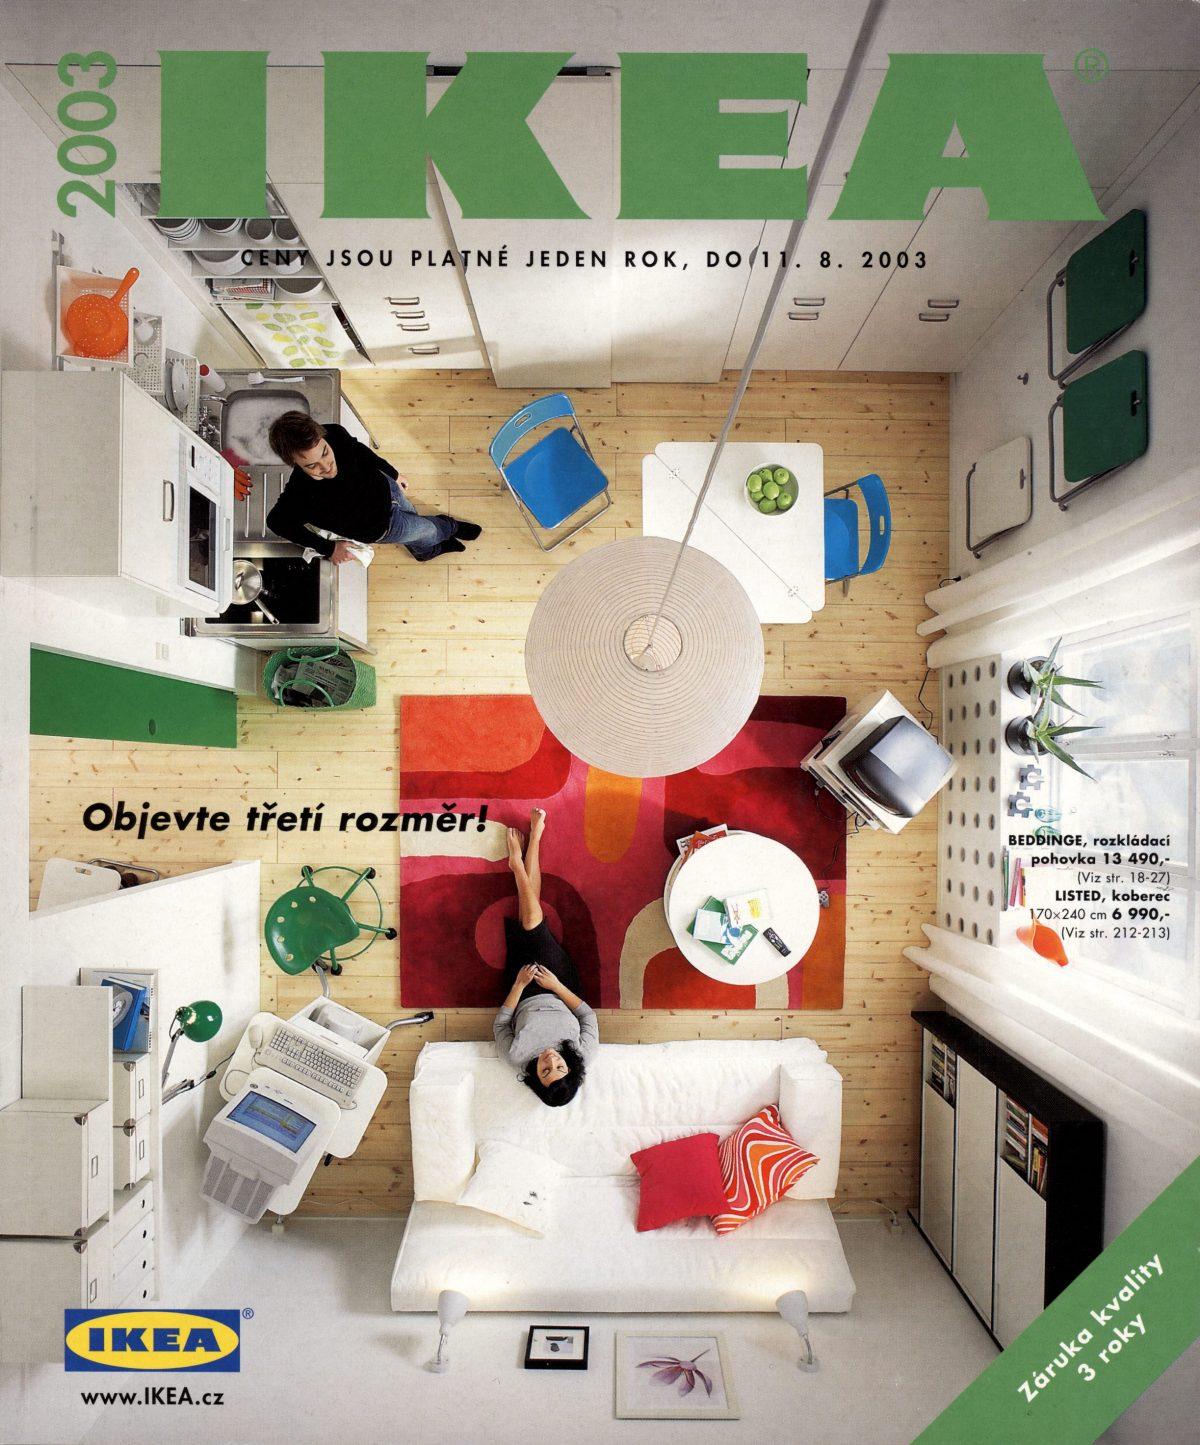 České vydání katalogu Ikea pro rok 2003